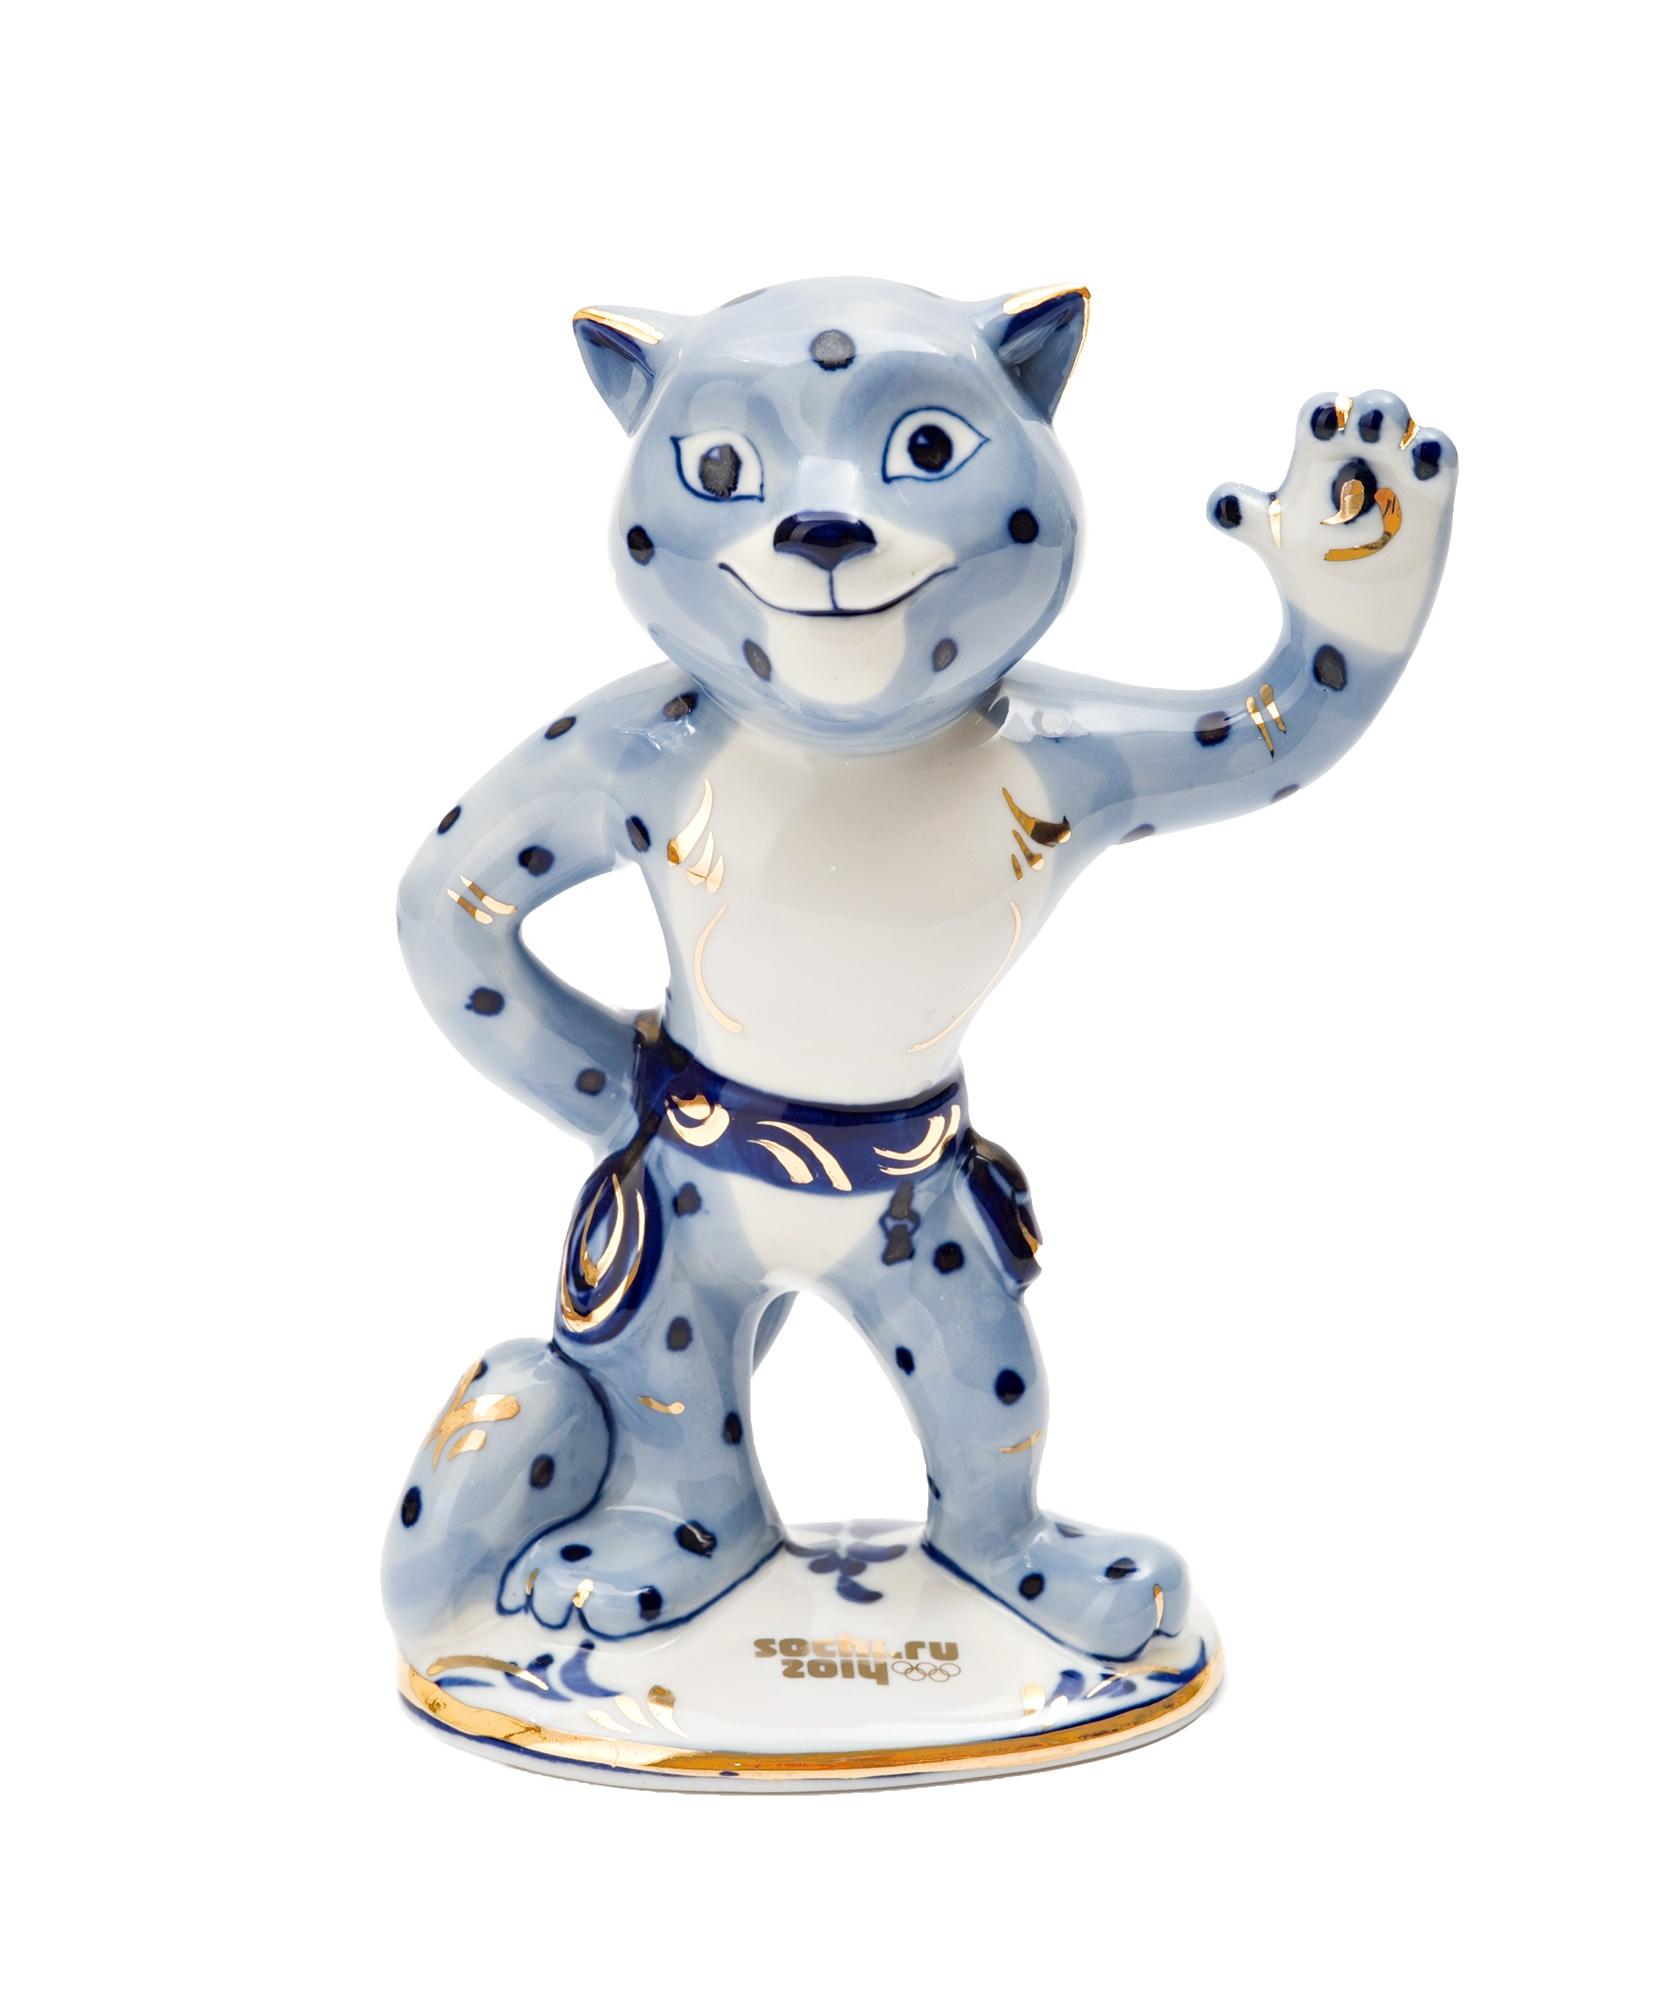 вышел, увидел картинки олимпийский символ леопарда носа почти изменилась